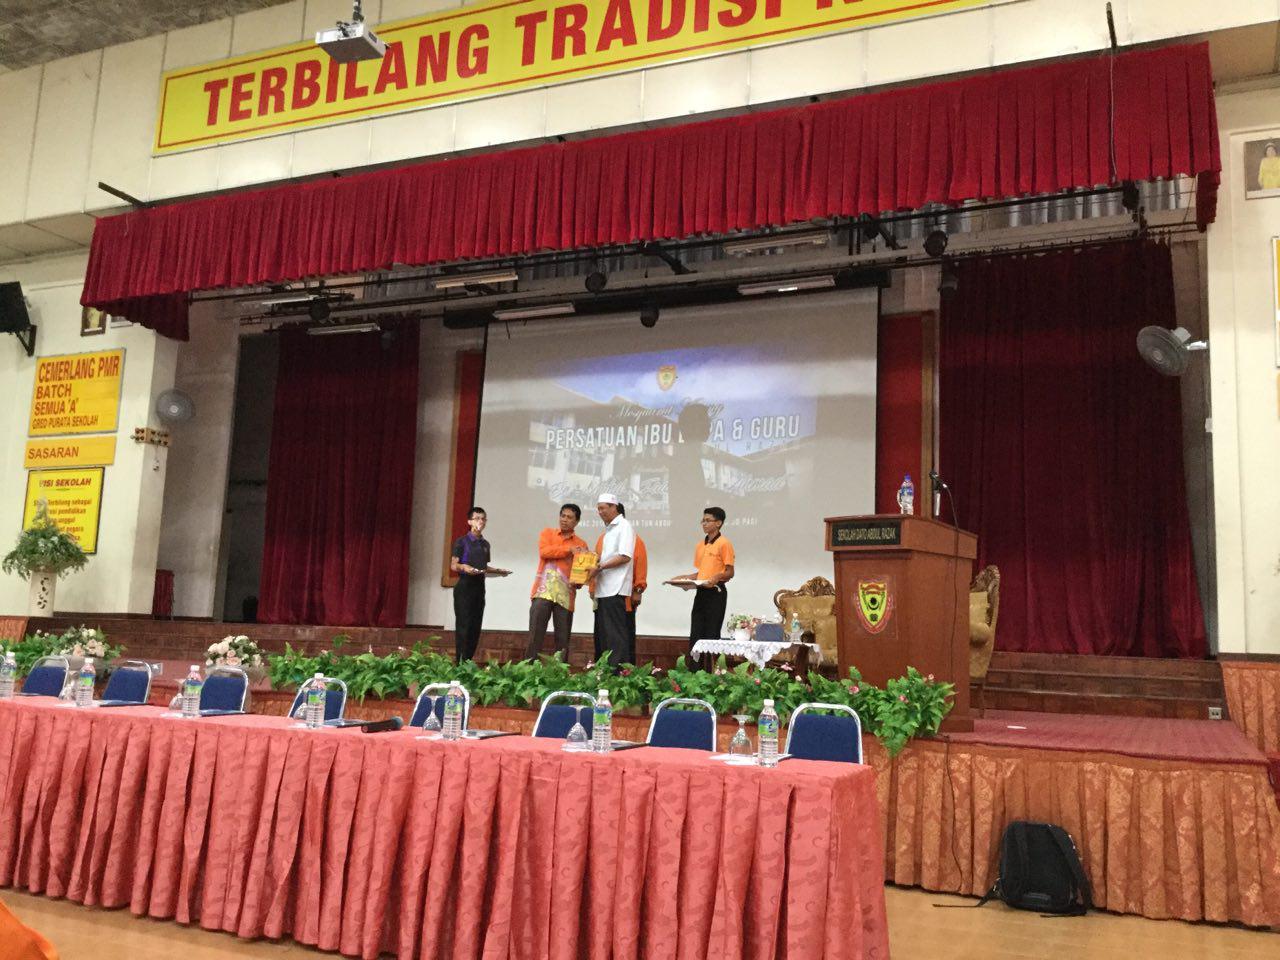 Selesai sudah mesyuarat Agung PIBG KE-37 . Mesyuarat ini telah dirasmikan oleh YBHG  Datuk Azhar B Wahab, NYDP SDARA. Terima kasih diucapkan kepada  ibu bapa yang telah sudi hadir ke mesyuarat Agung PIBG kali ini.